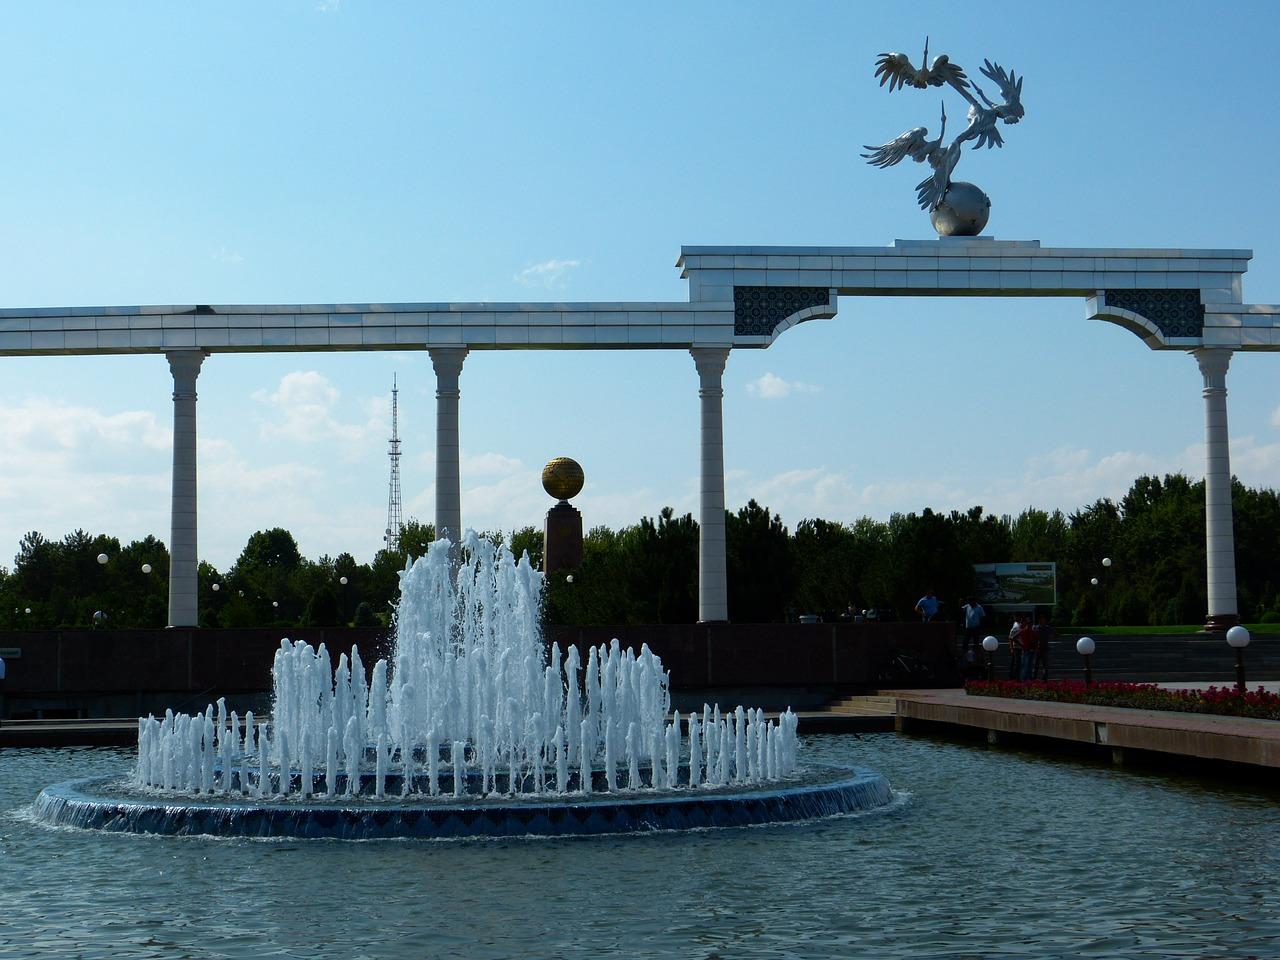 أجمل الوجهات السياحية المميزة في طشقند ، أوزبكستان